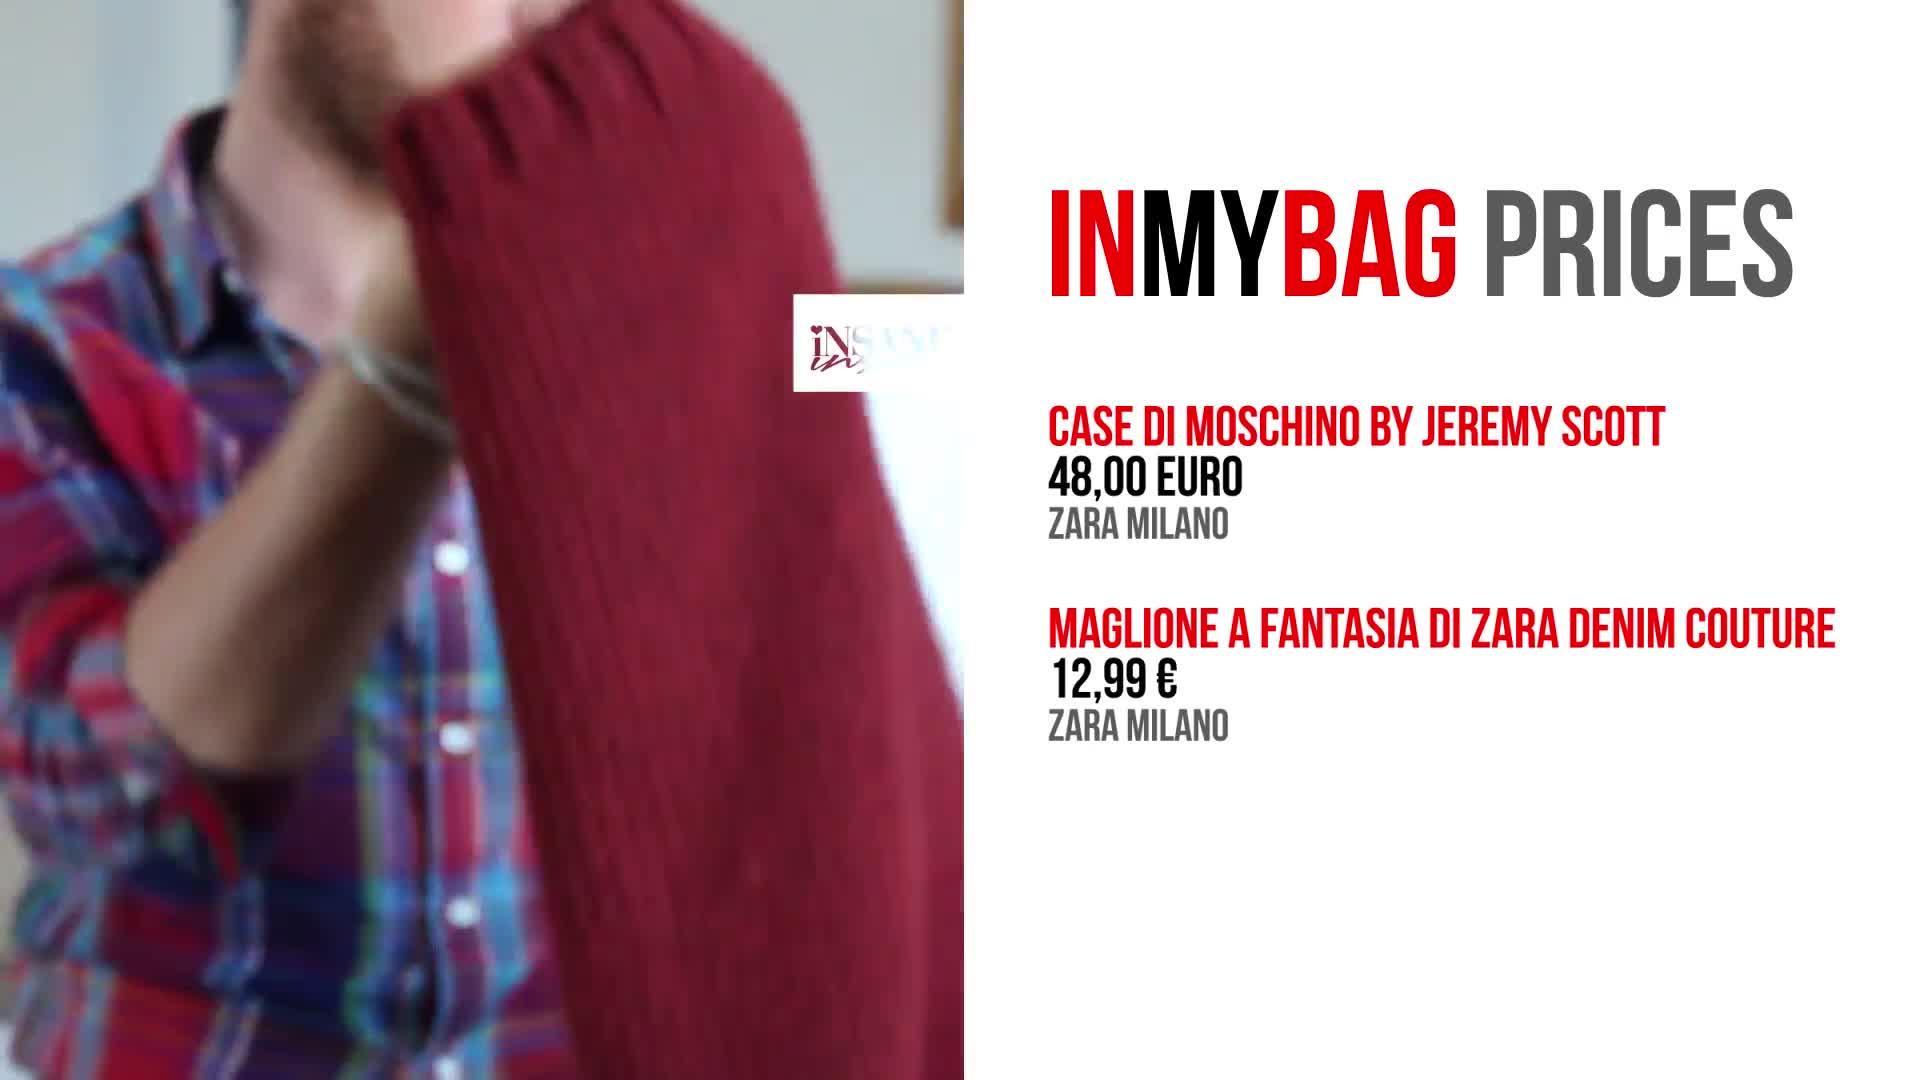 save off 728a1 579da saldi-da-zara-e-case-di-moschino-by-jeremy-scott-in-my-bag-1920x1080.jpg